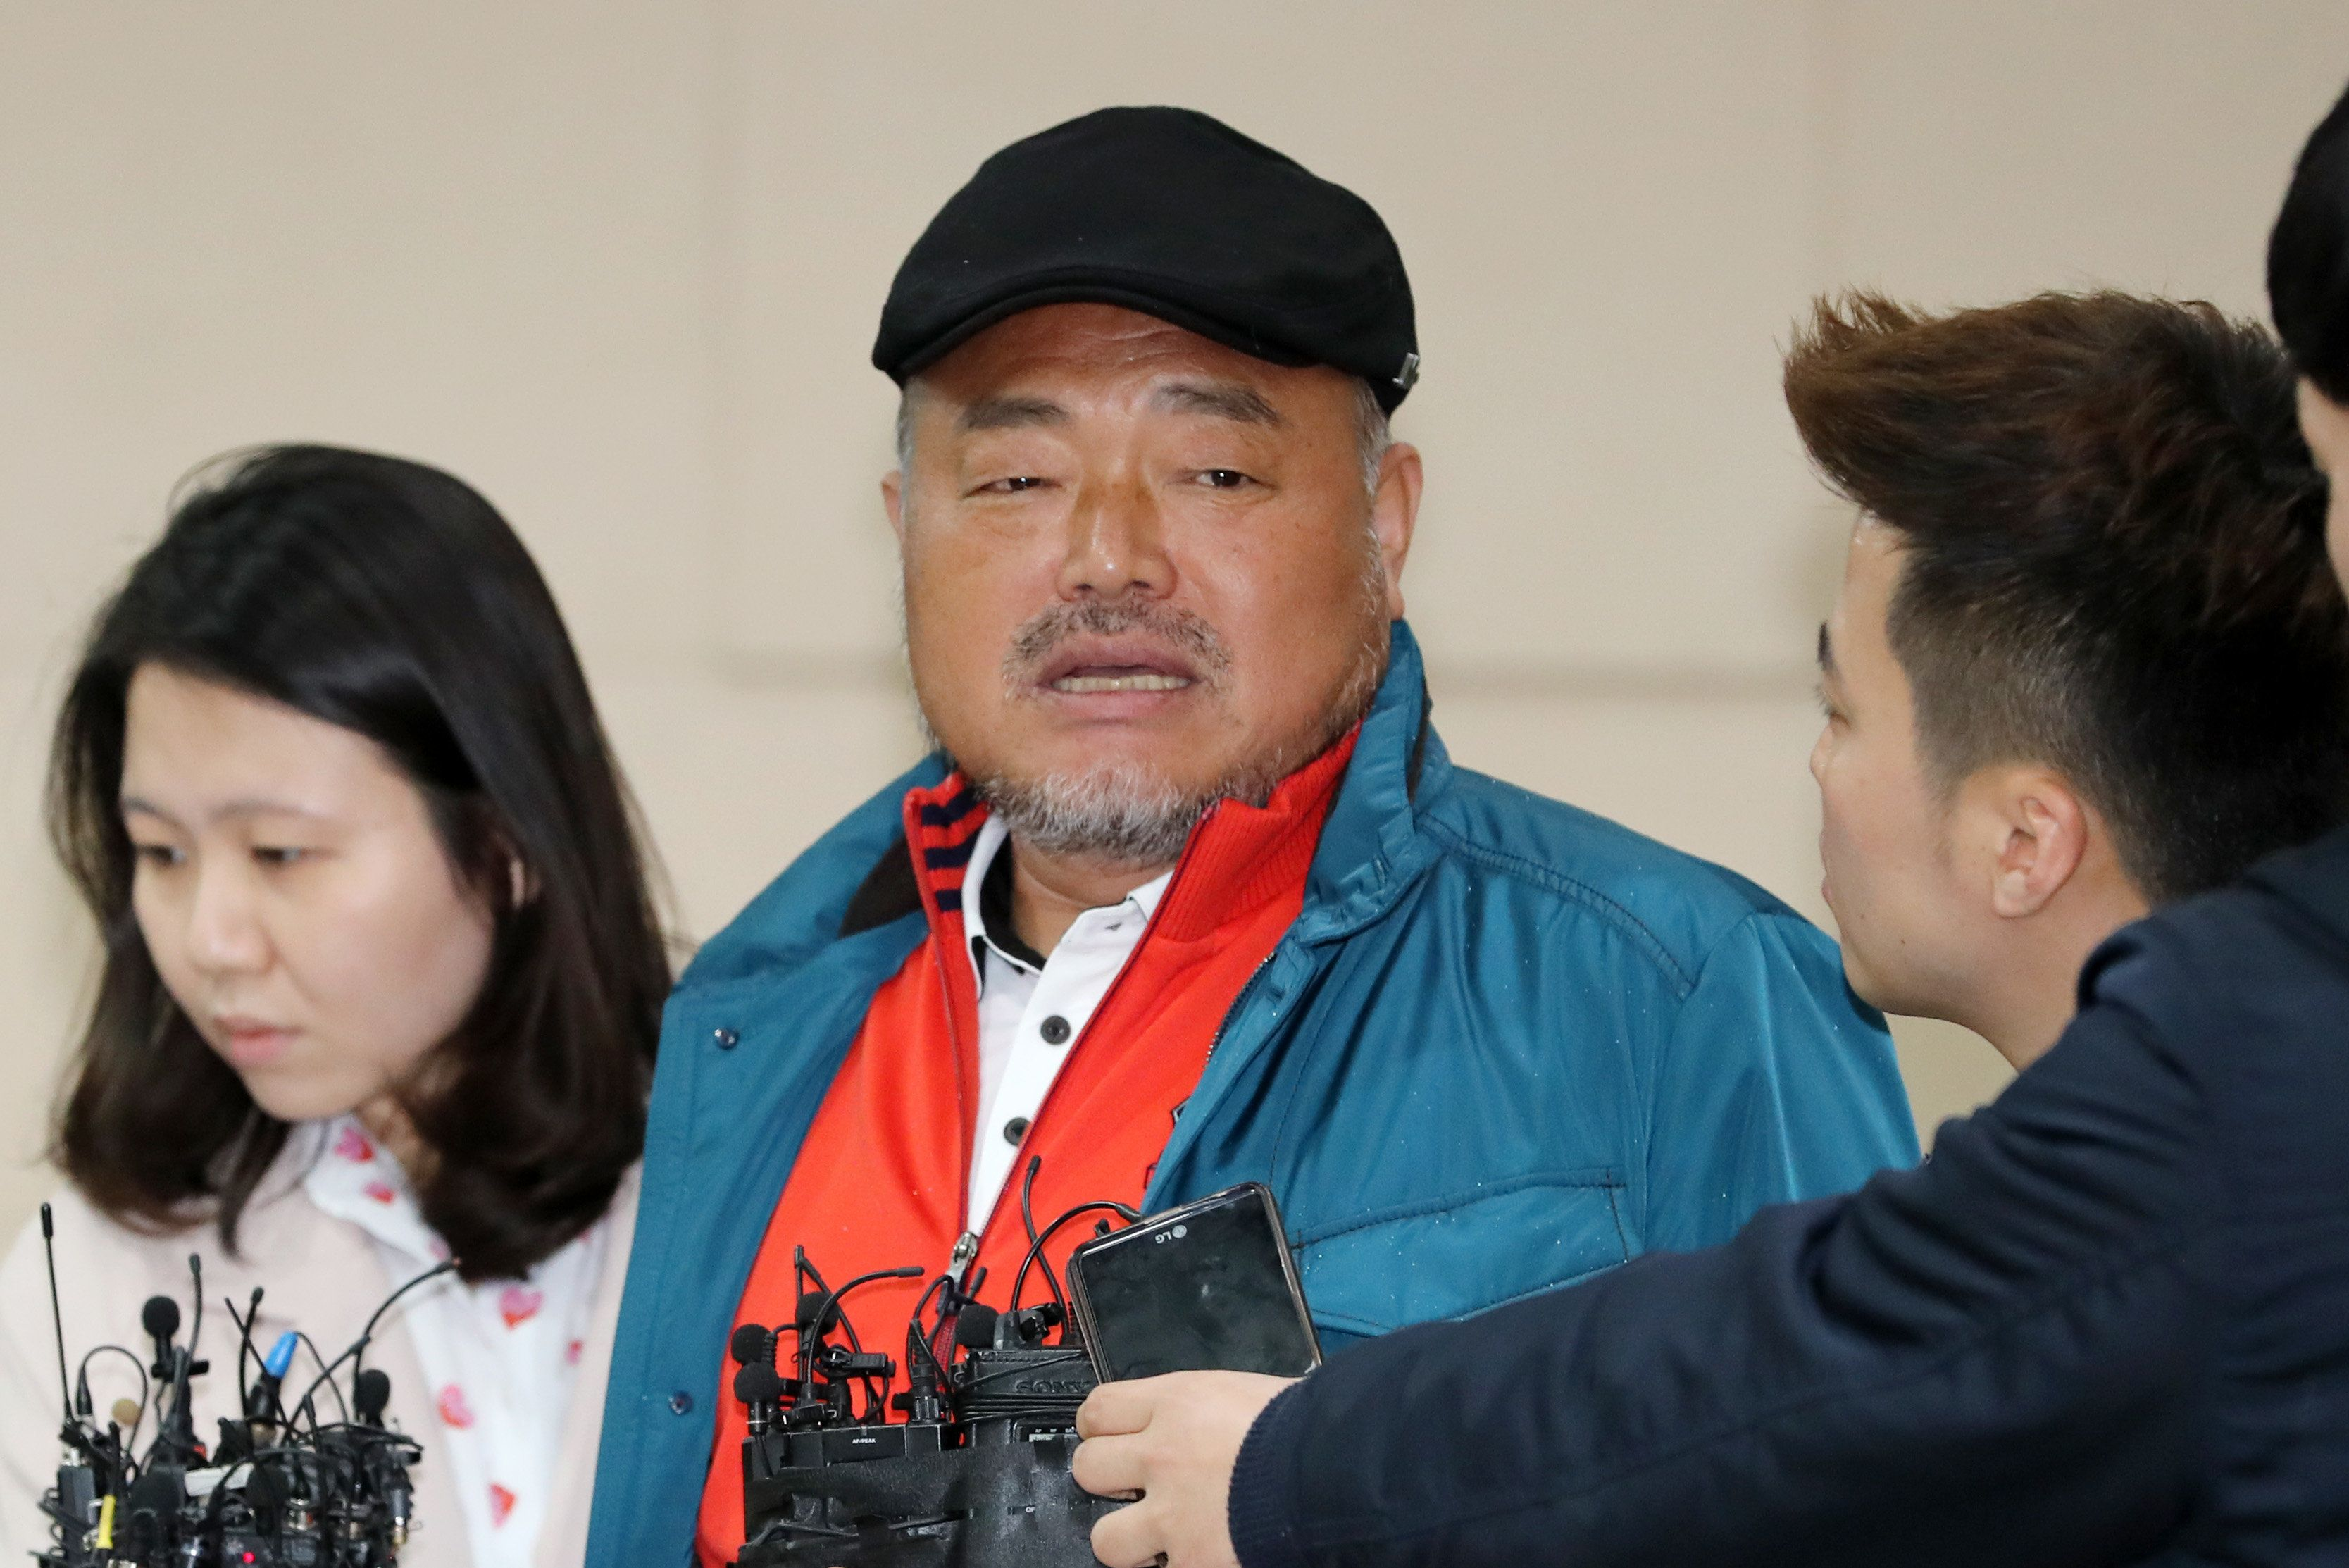 '성폭행 의혹' 22일 만에 모습을 드러낸 김흥국이 남긴 말들